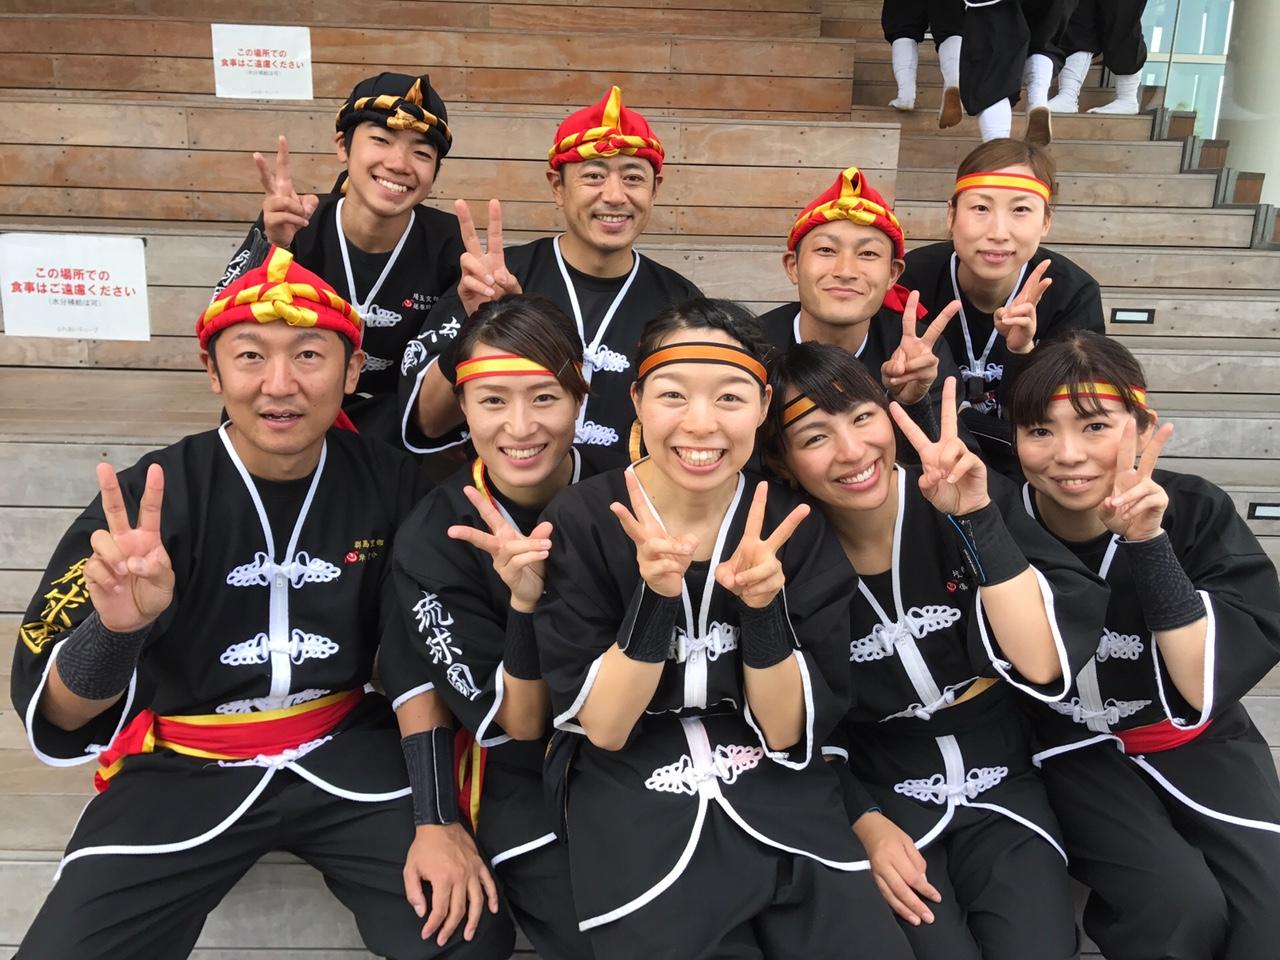 粕壁エイサーを最後に琉球國祭り太鼓を卒業するメンバーと。